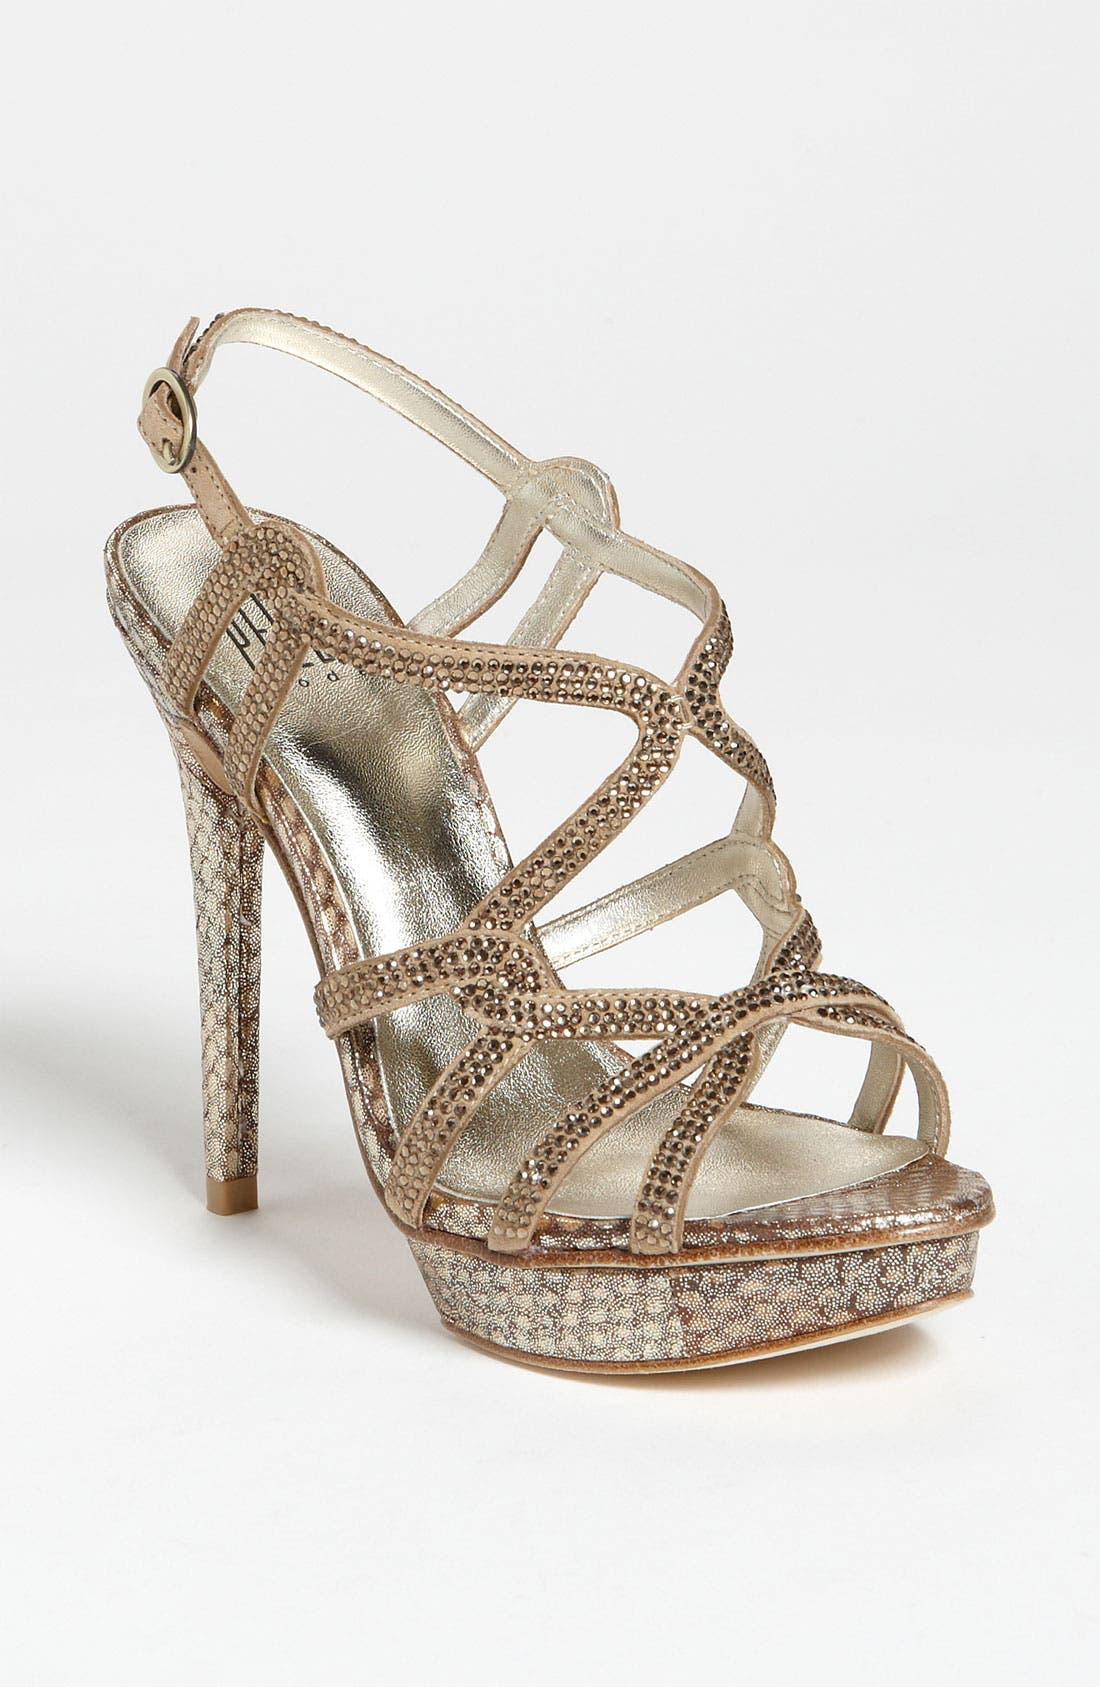 Alternate Image 1 Selected - Pelle Moda 'Flirt' Sandal